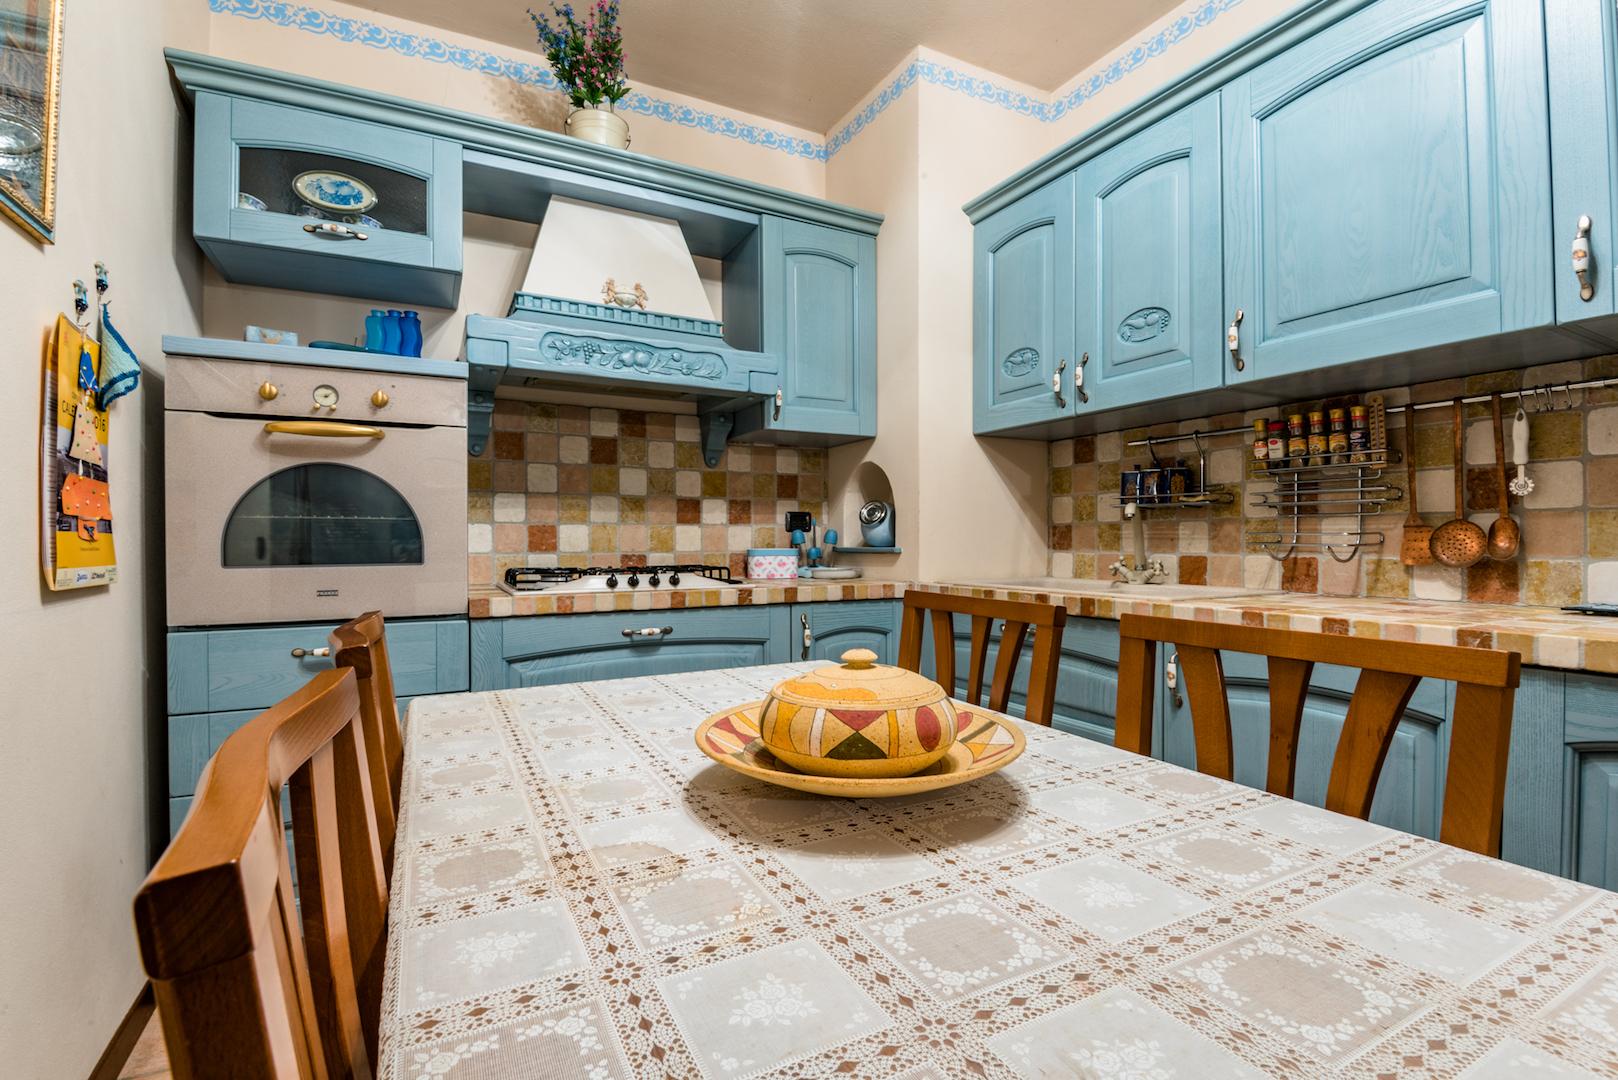 Cucina taverna M014 - A+immobiliare Agenzia immobiliare Nembro